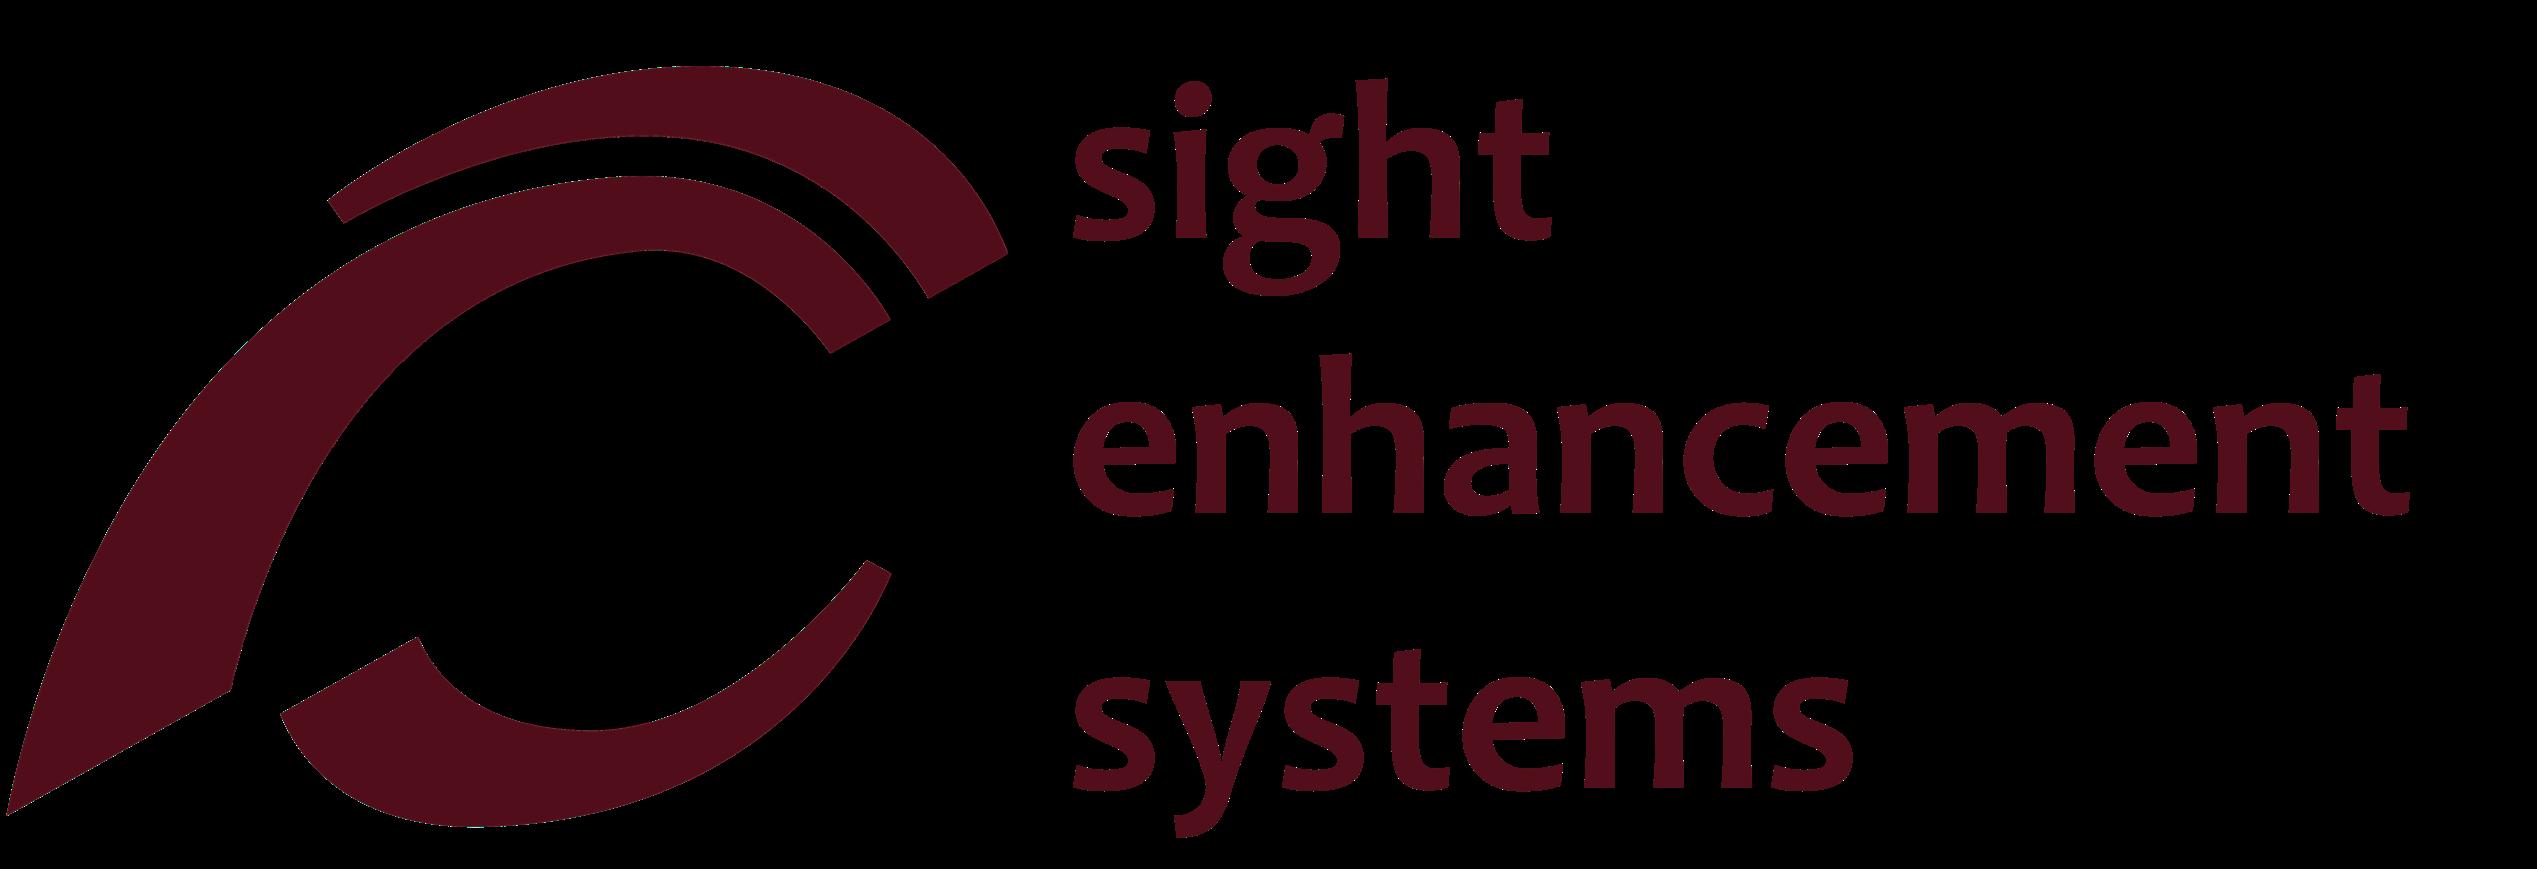 SES Logo long (burgundy 2537×869 150ppi)